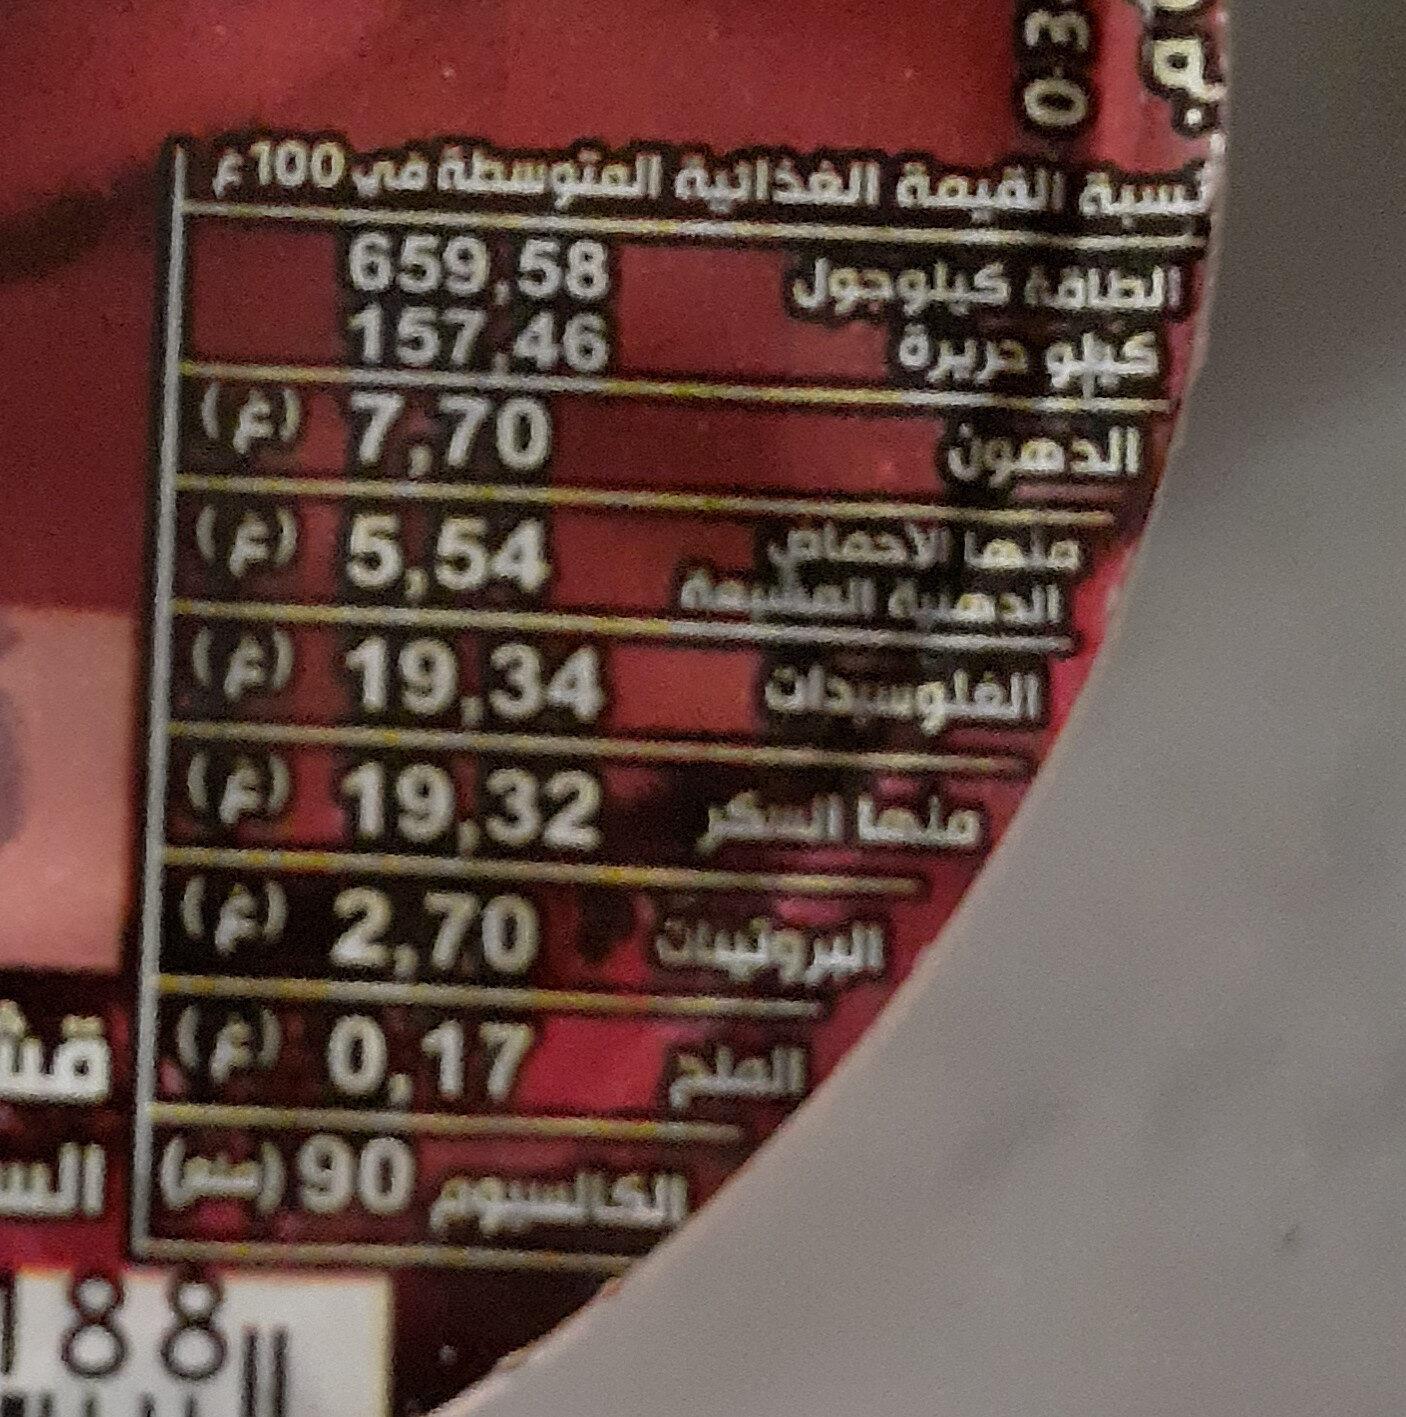 Mousse au chocolat - Nutrition facts - fr